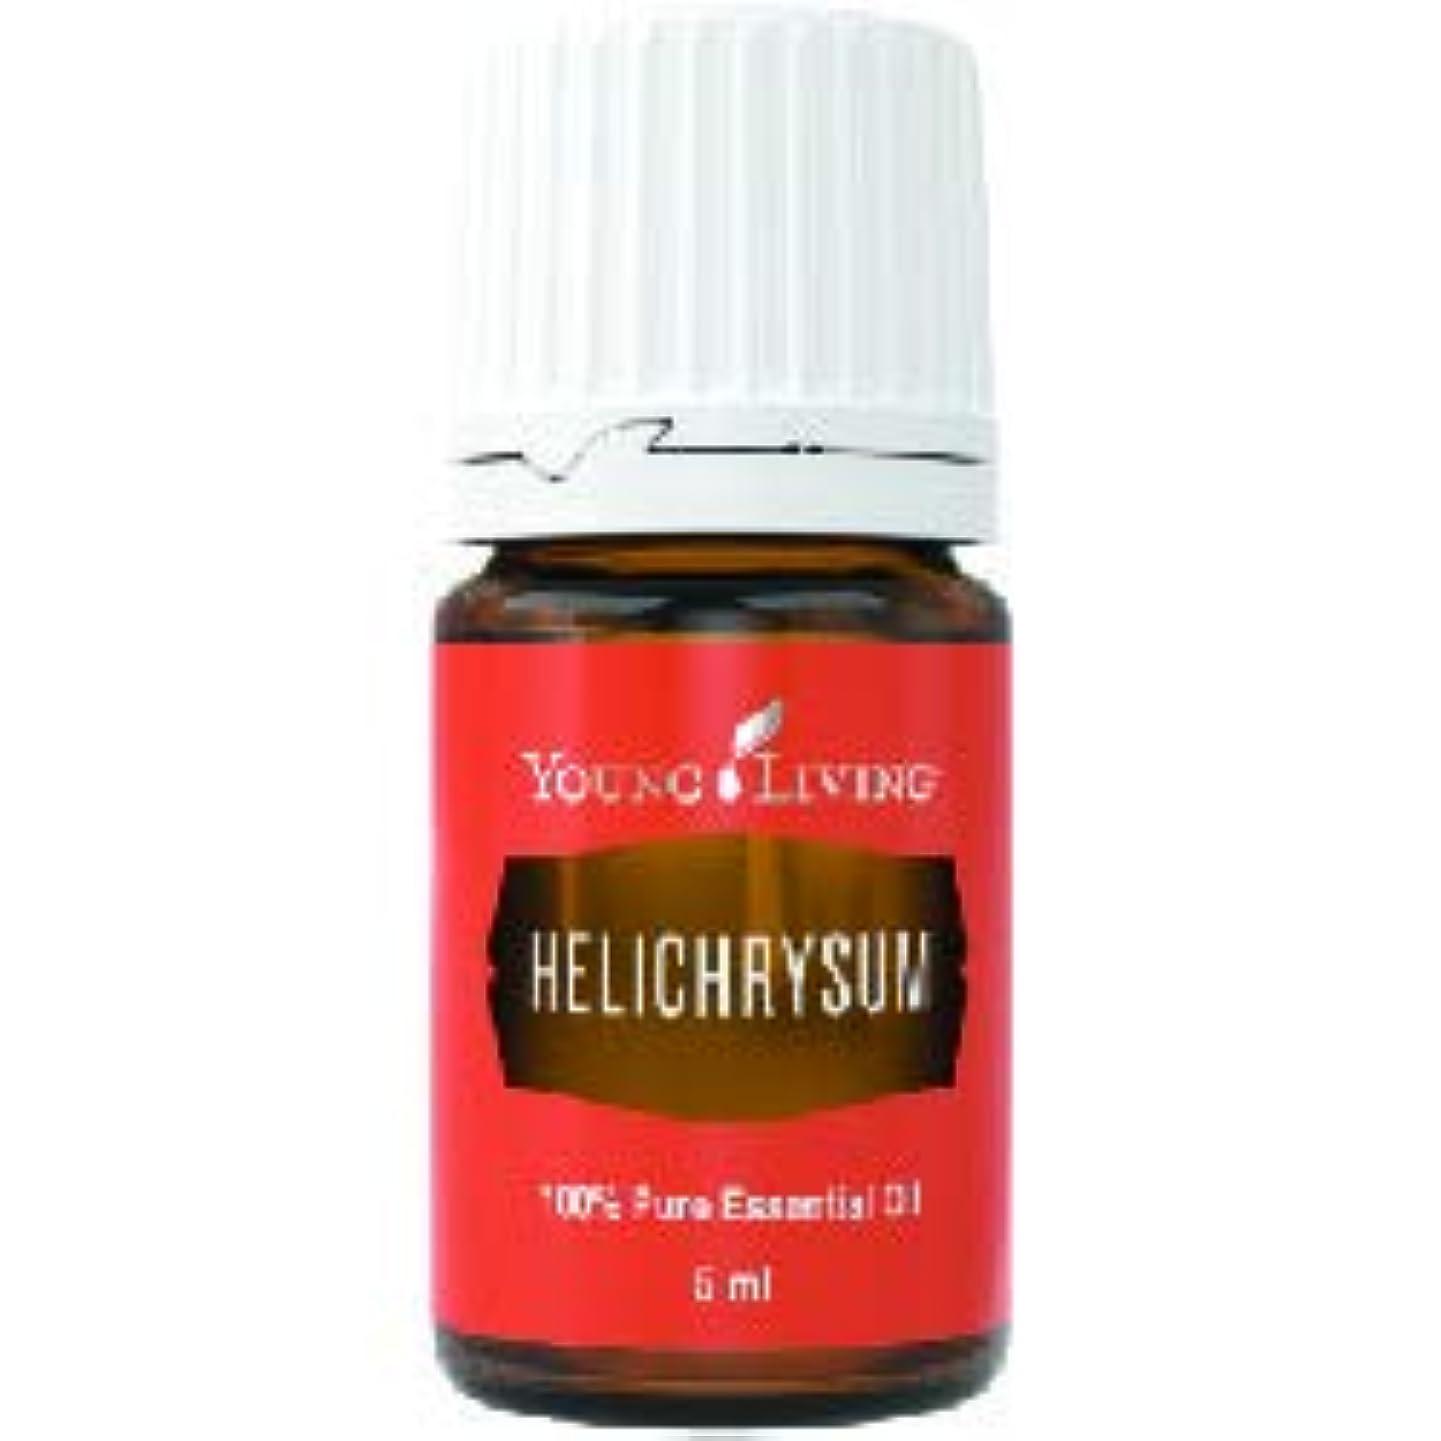 宮殿ずっと癒すヘリクリサムエッセンシャルオイル ヤングリビングエッセンシャルオイルマレーシア5ml Helichrysum Essential Oil 5ml by Young Living Essential Oil Malaysia